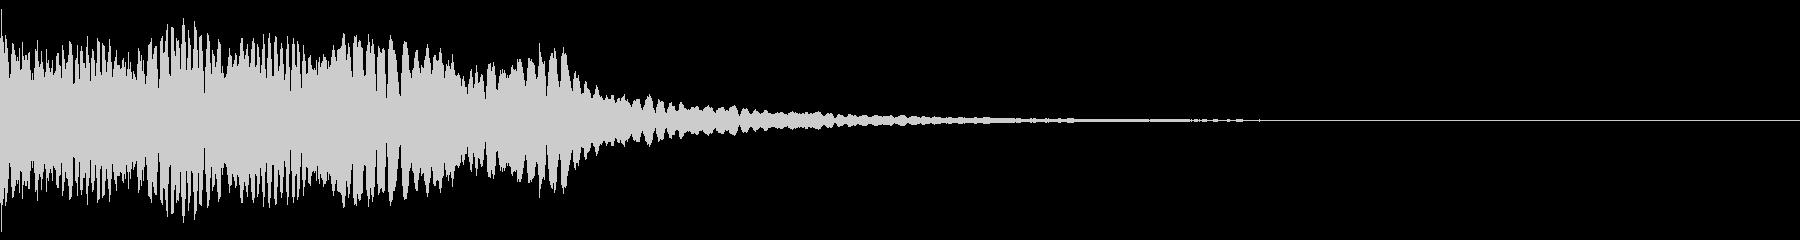 恐怖音10の未再生の波形